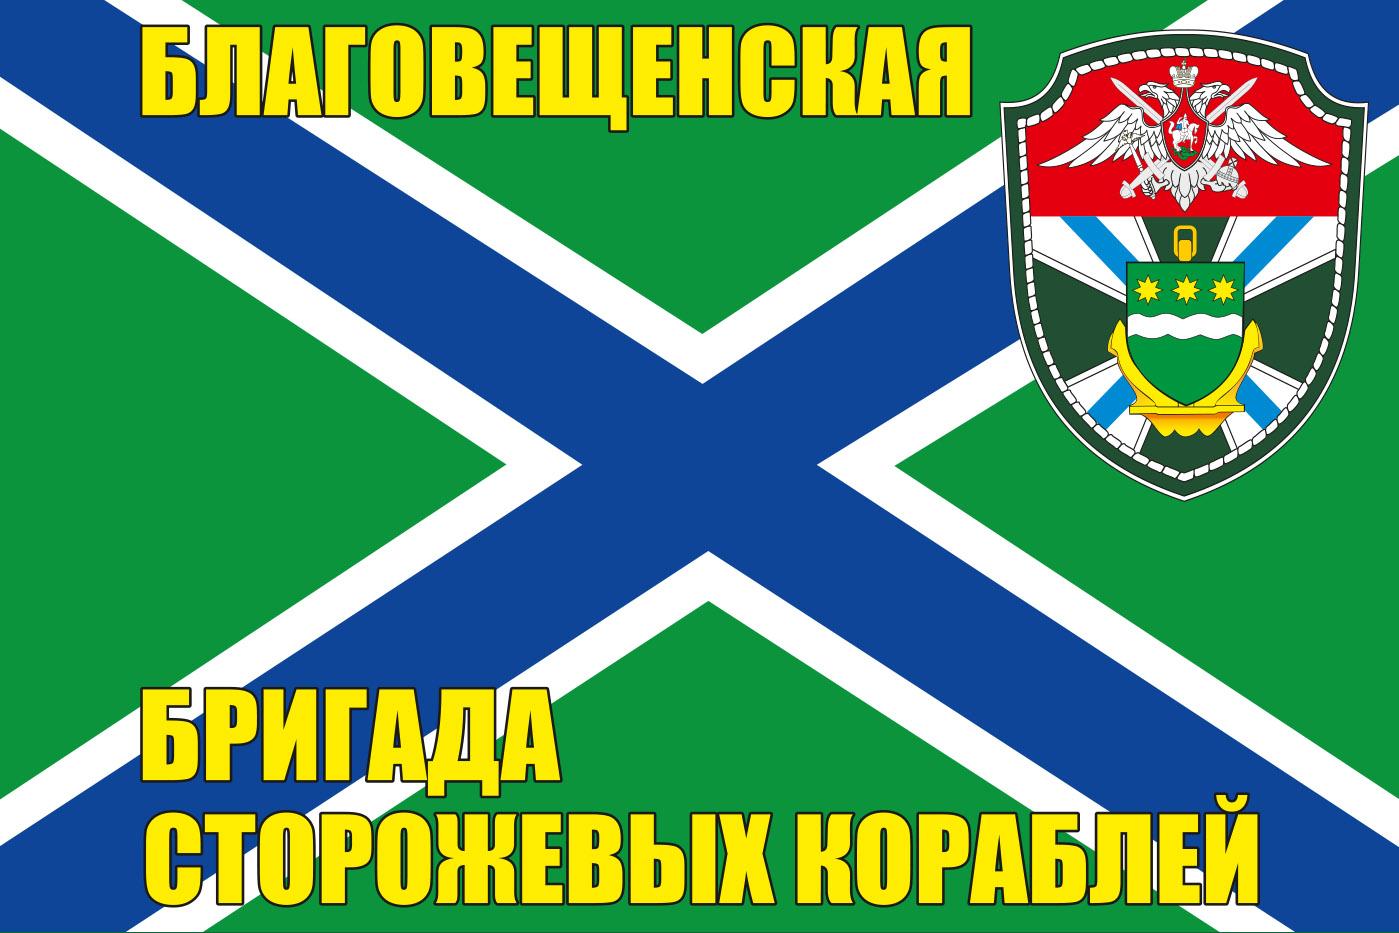 """Флаг """"Благовещенская бригада сторожевых кораблей"""""""